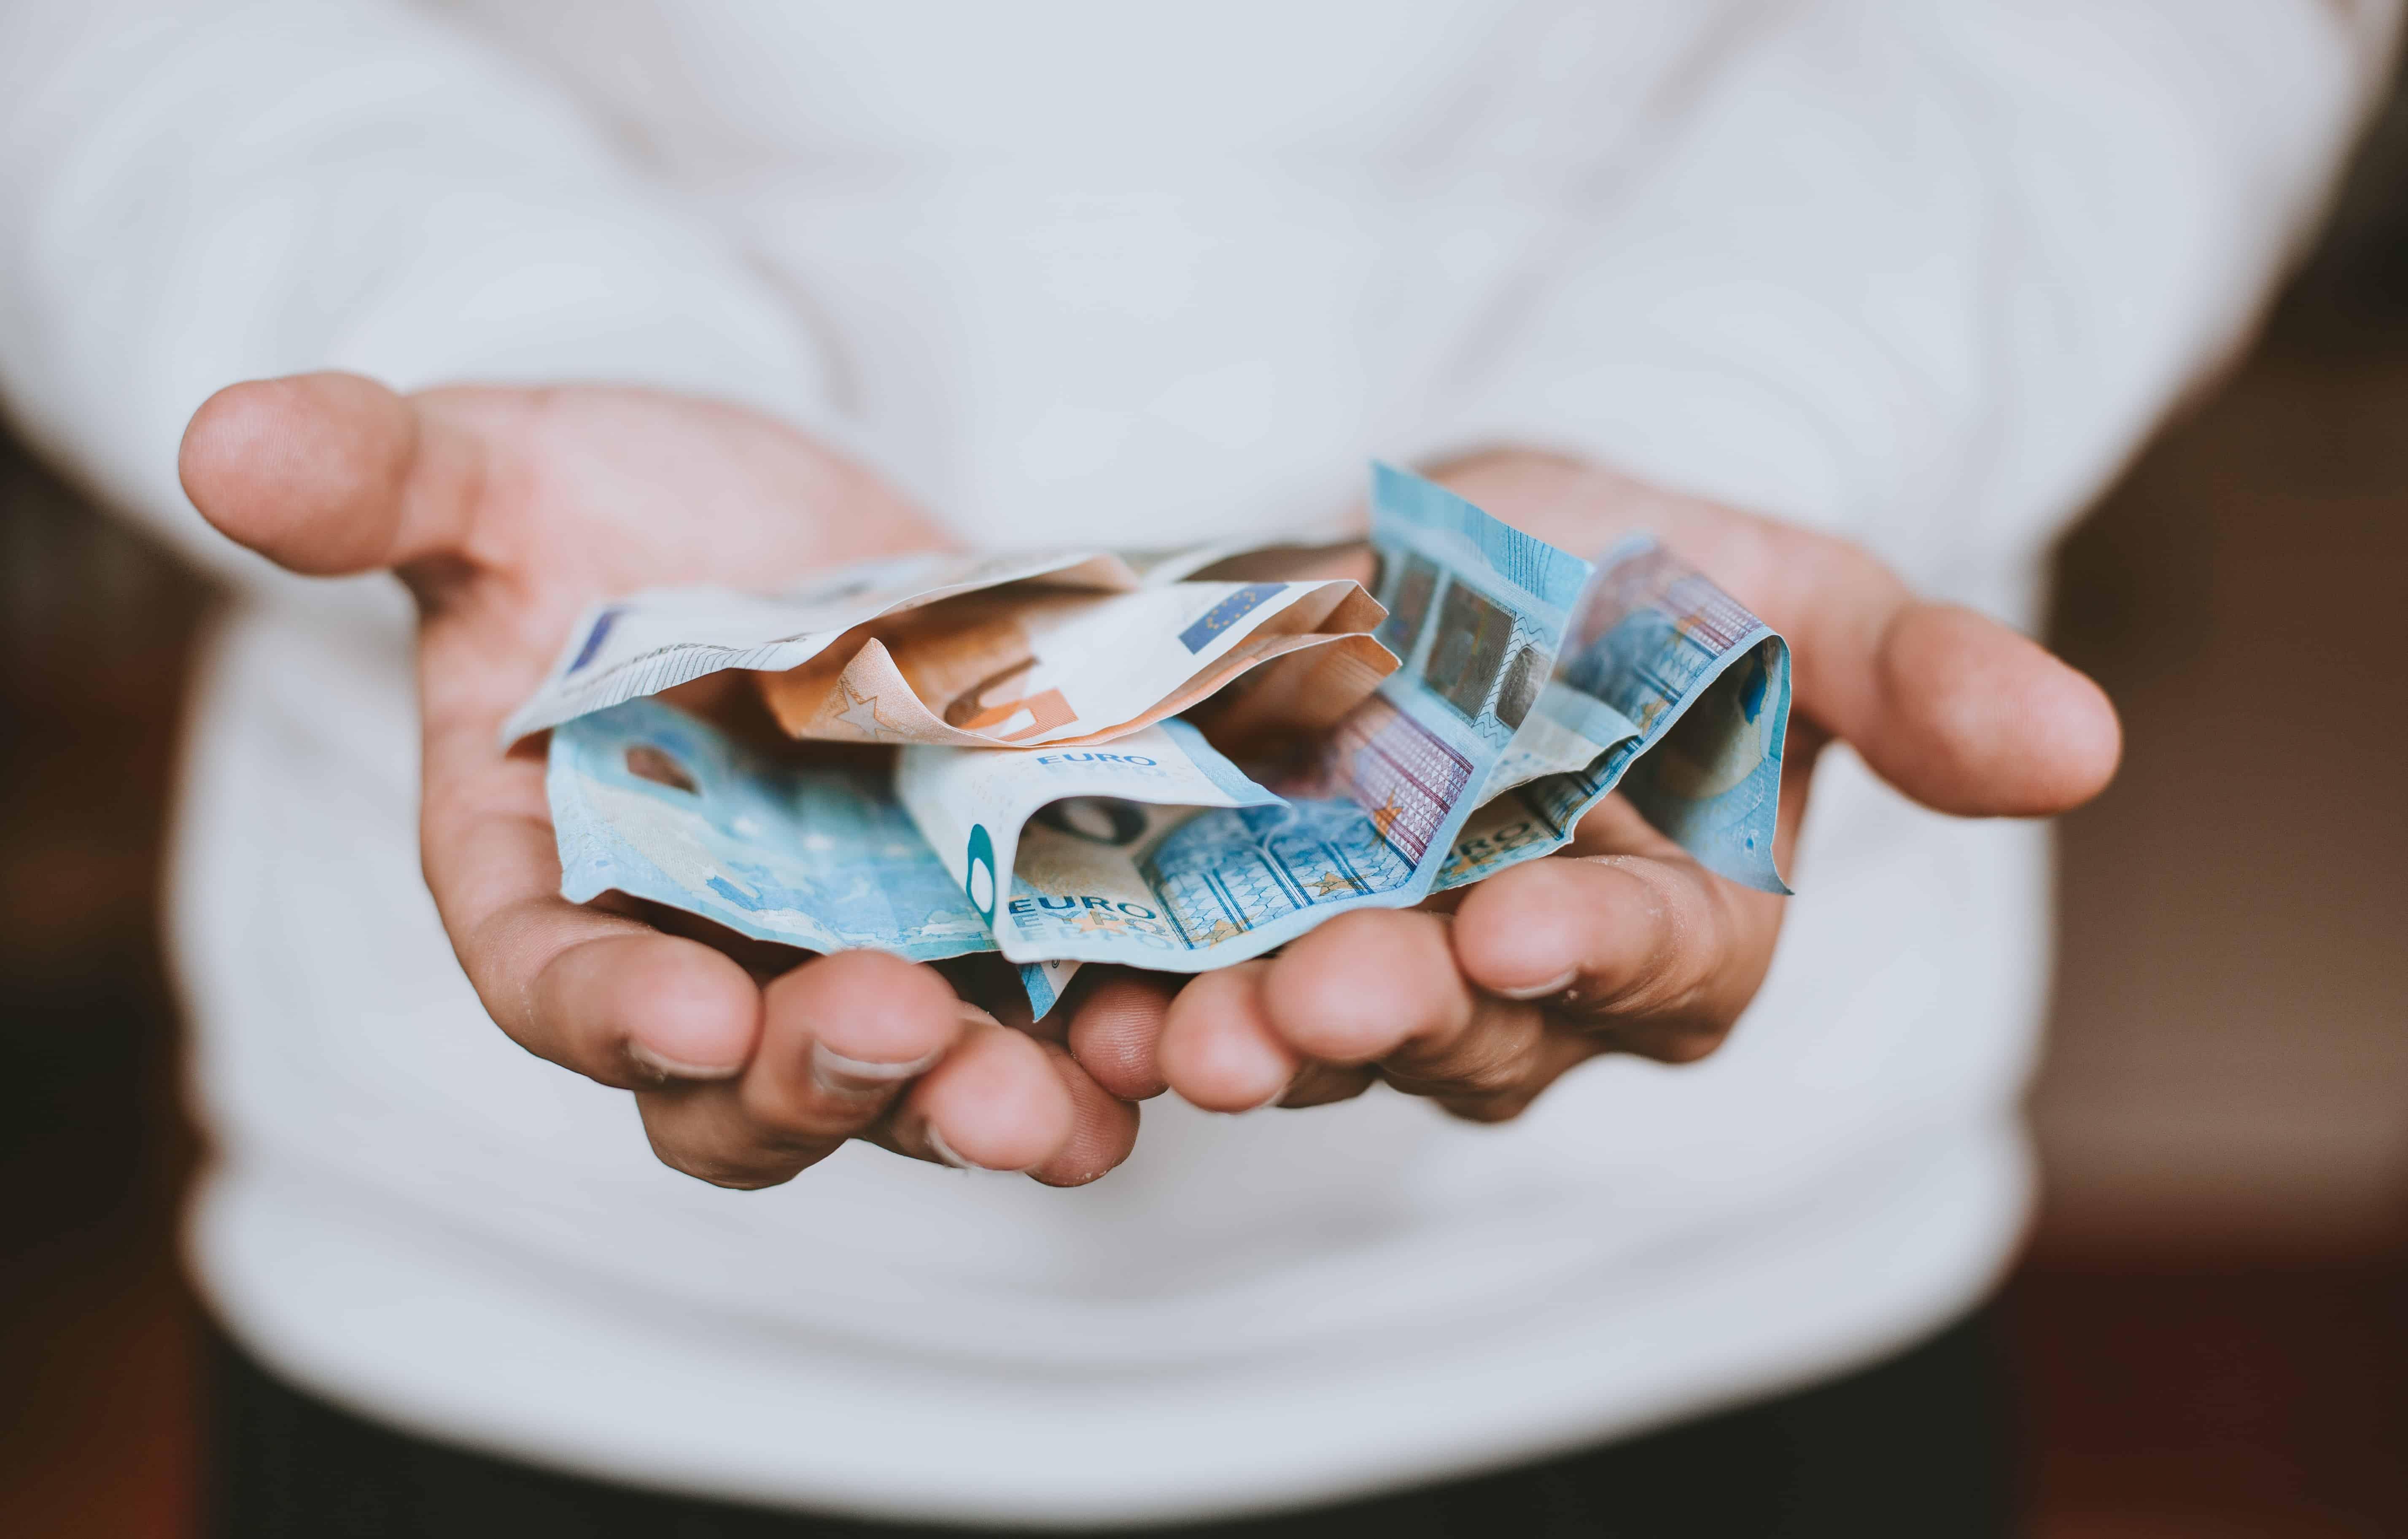 modalitate ușoară și rapidă de a câștiga bani)